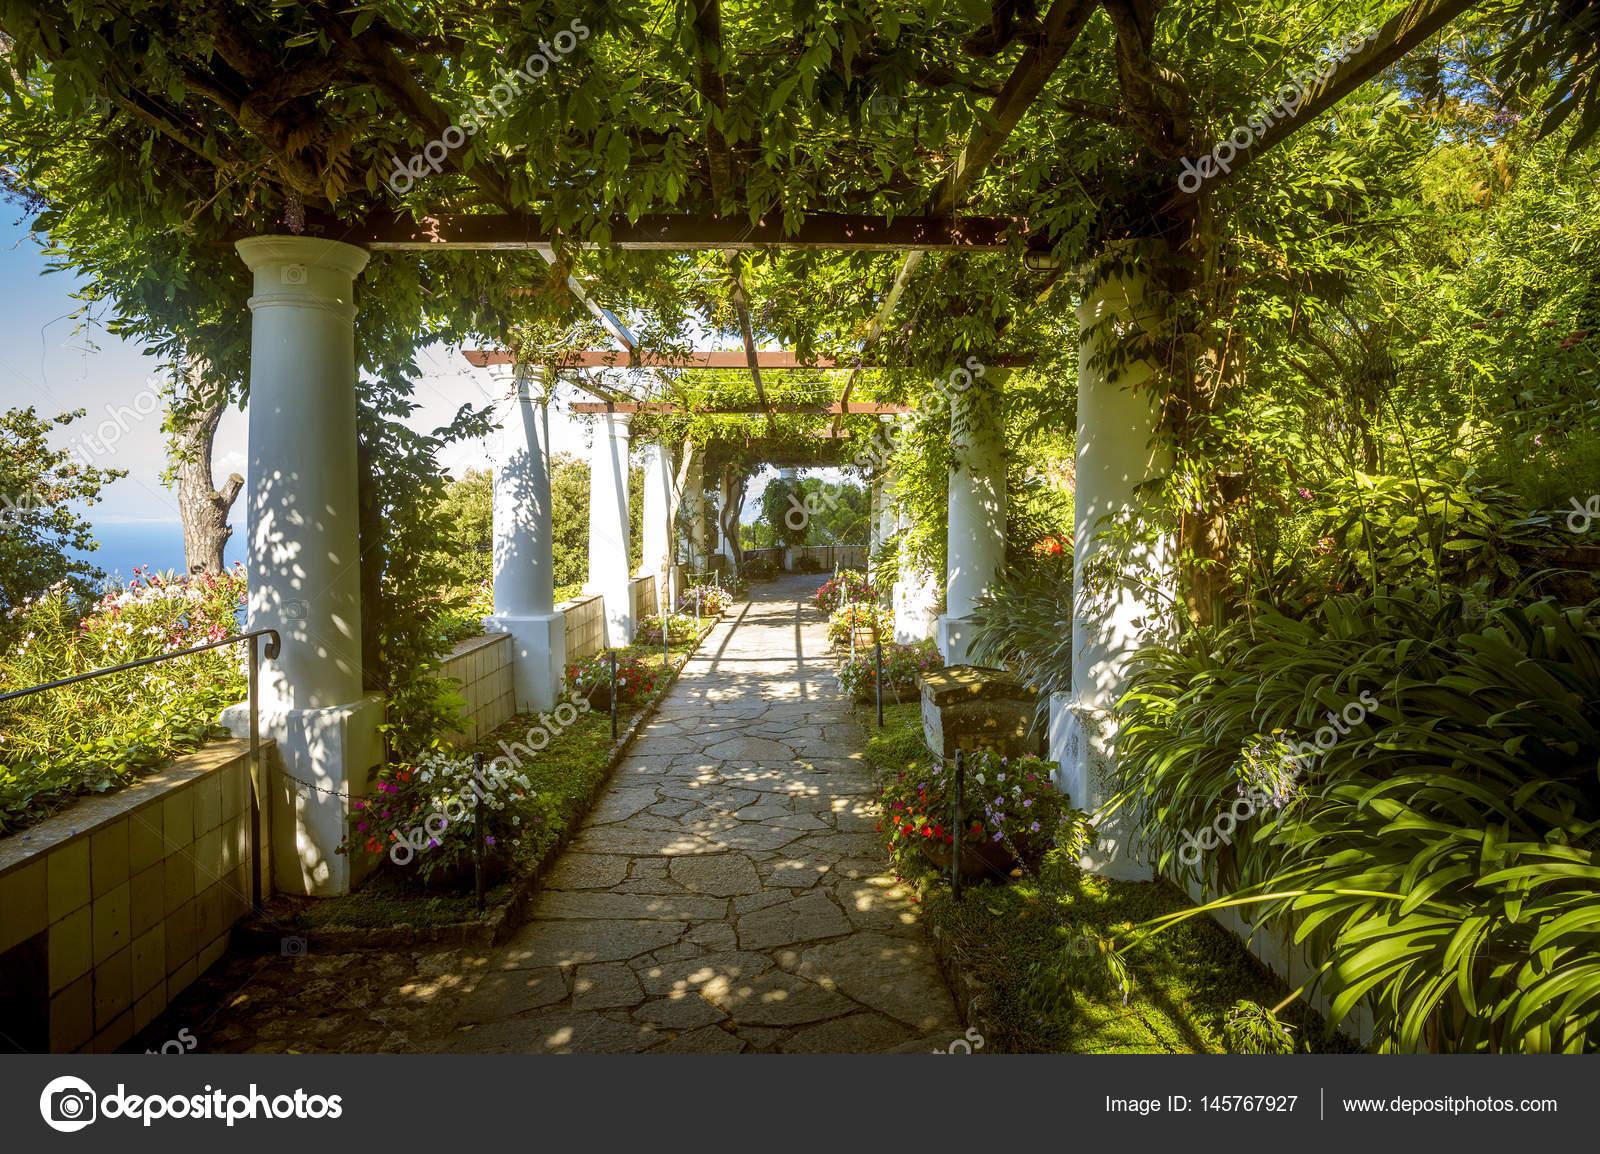 The Gardens Of Villa San Michele Capri Island Italy